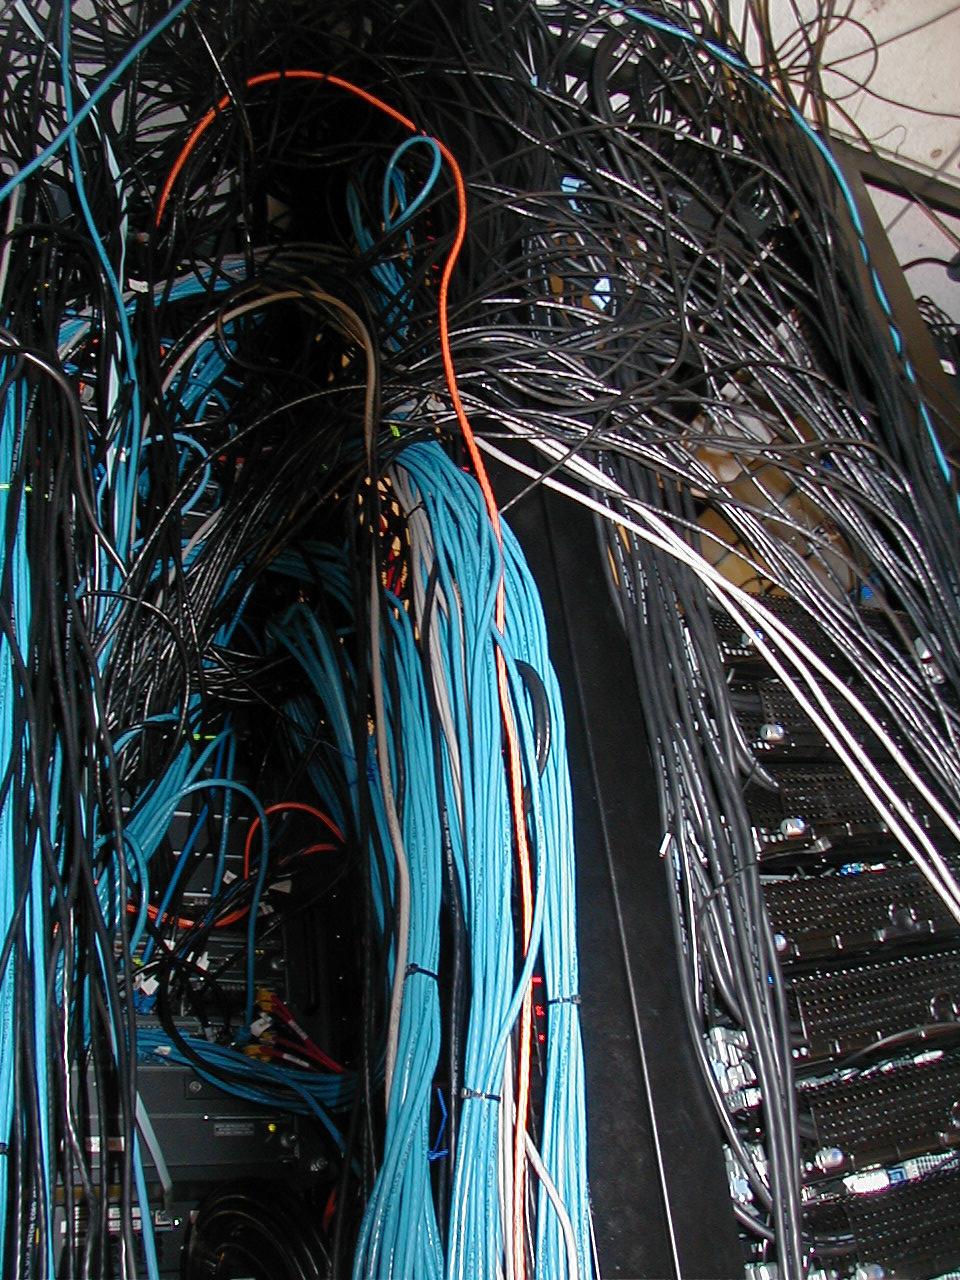 medium resolution of file cisco dell bad wiring jpg